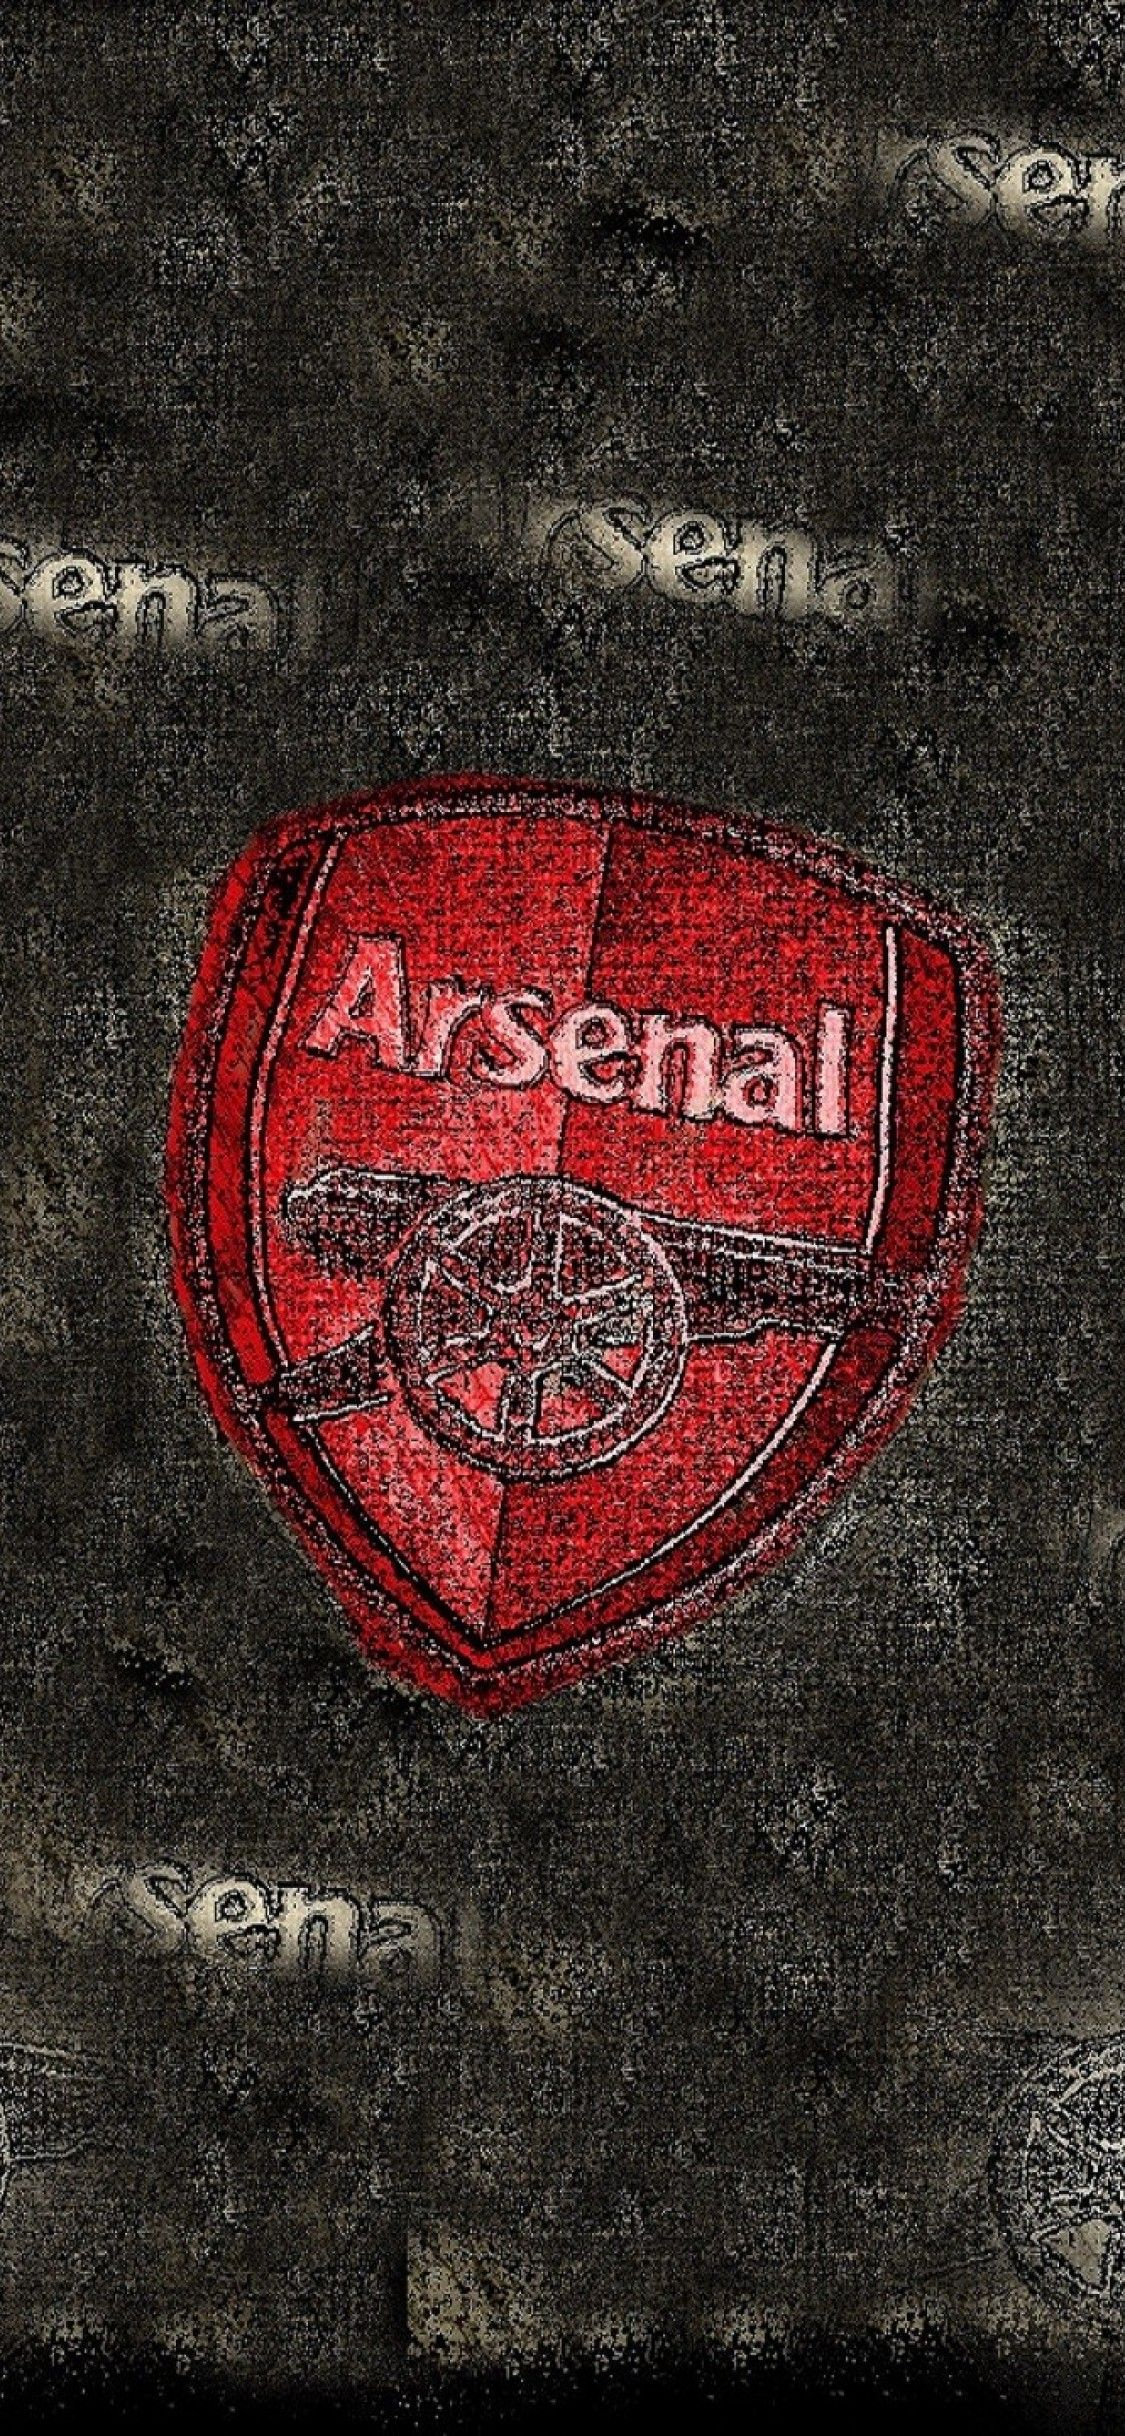 arsenal adidas wallpaper hd